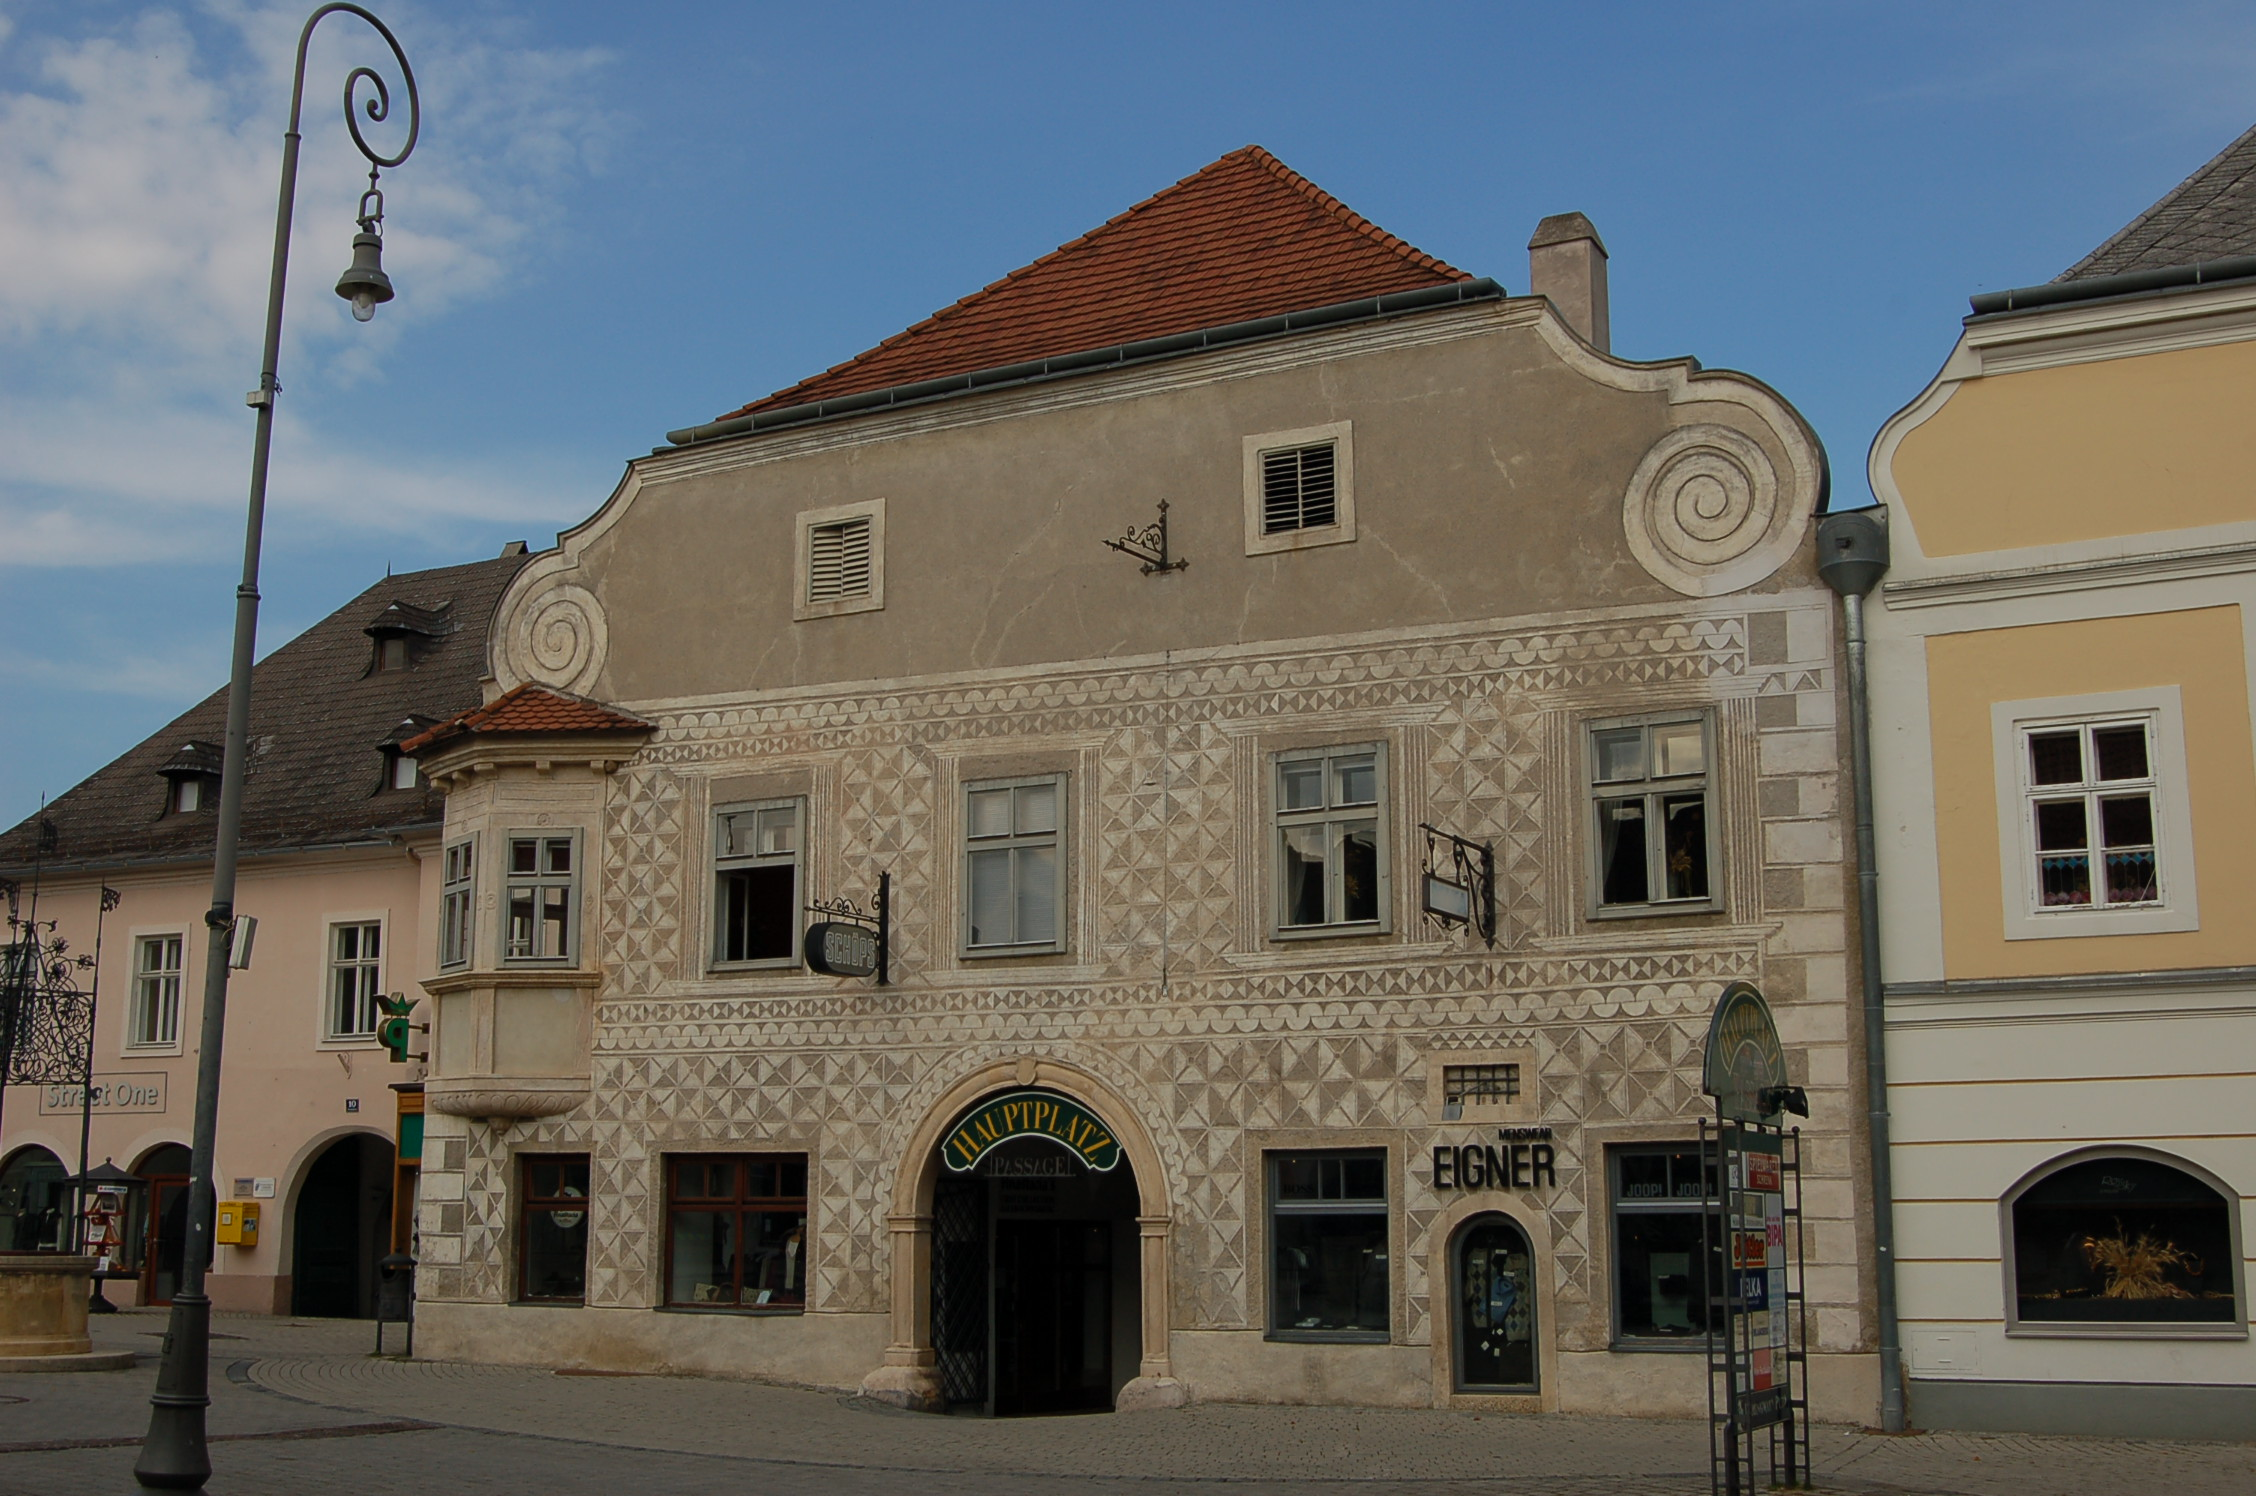 Neunkirchen noe Buergerhaus.JPG